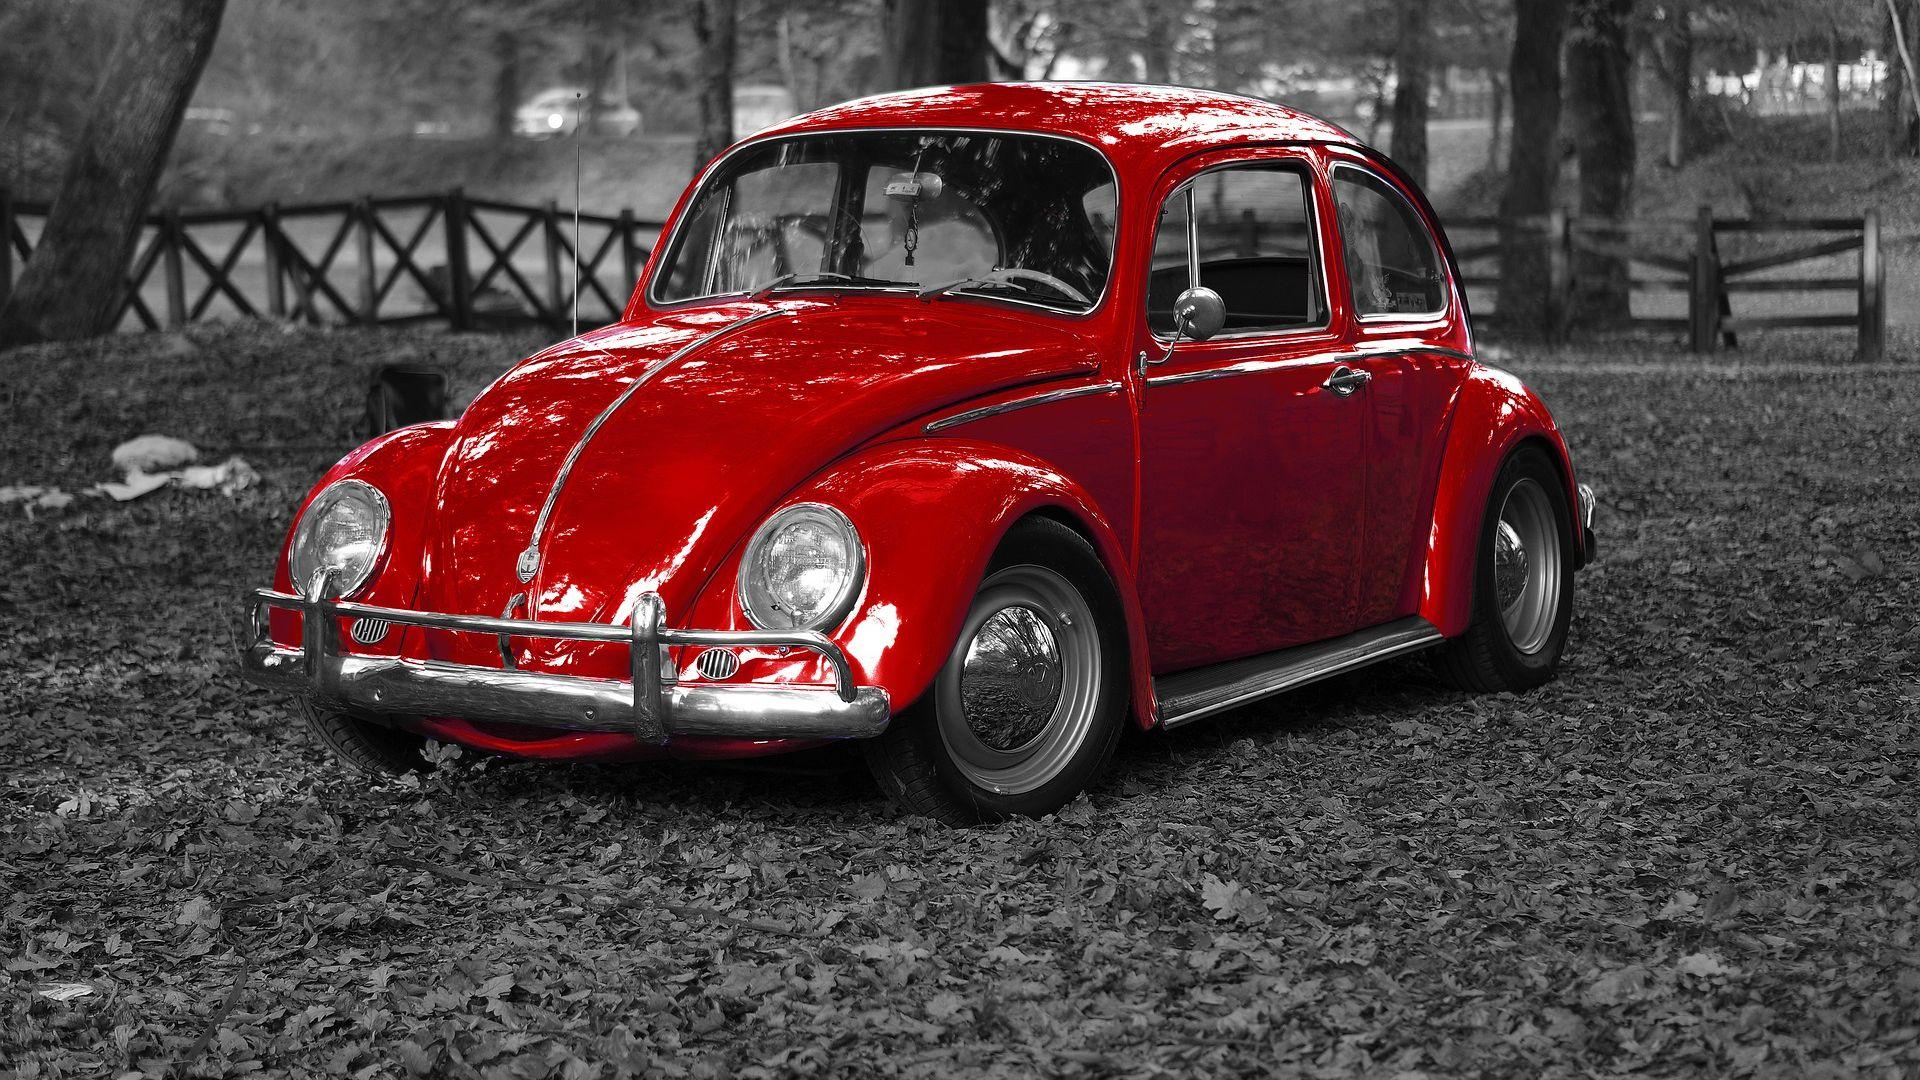 Wallpaper Volkswagen, Beetle red car